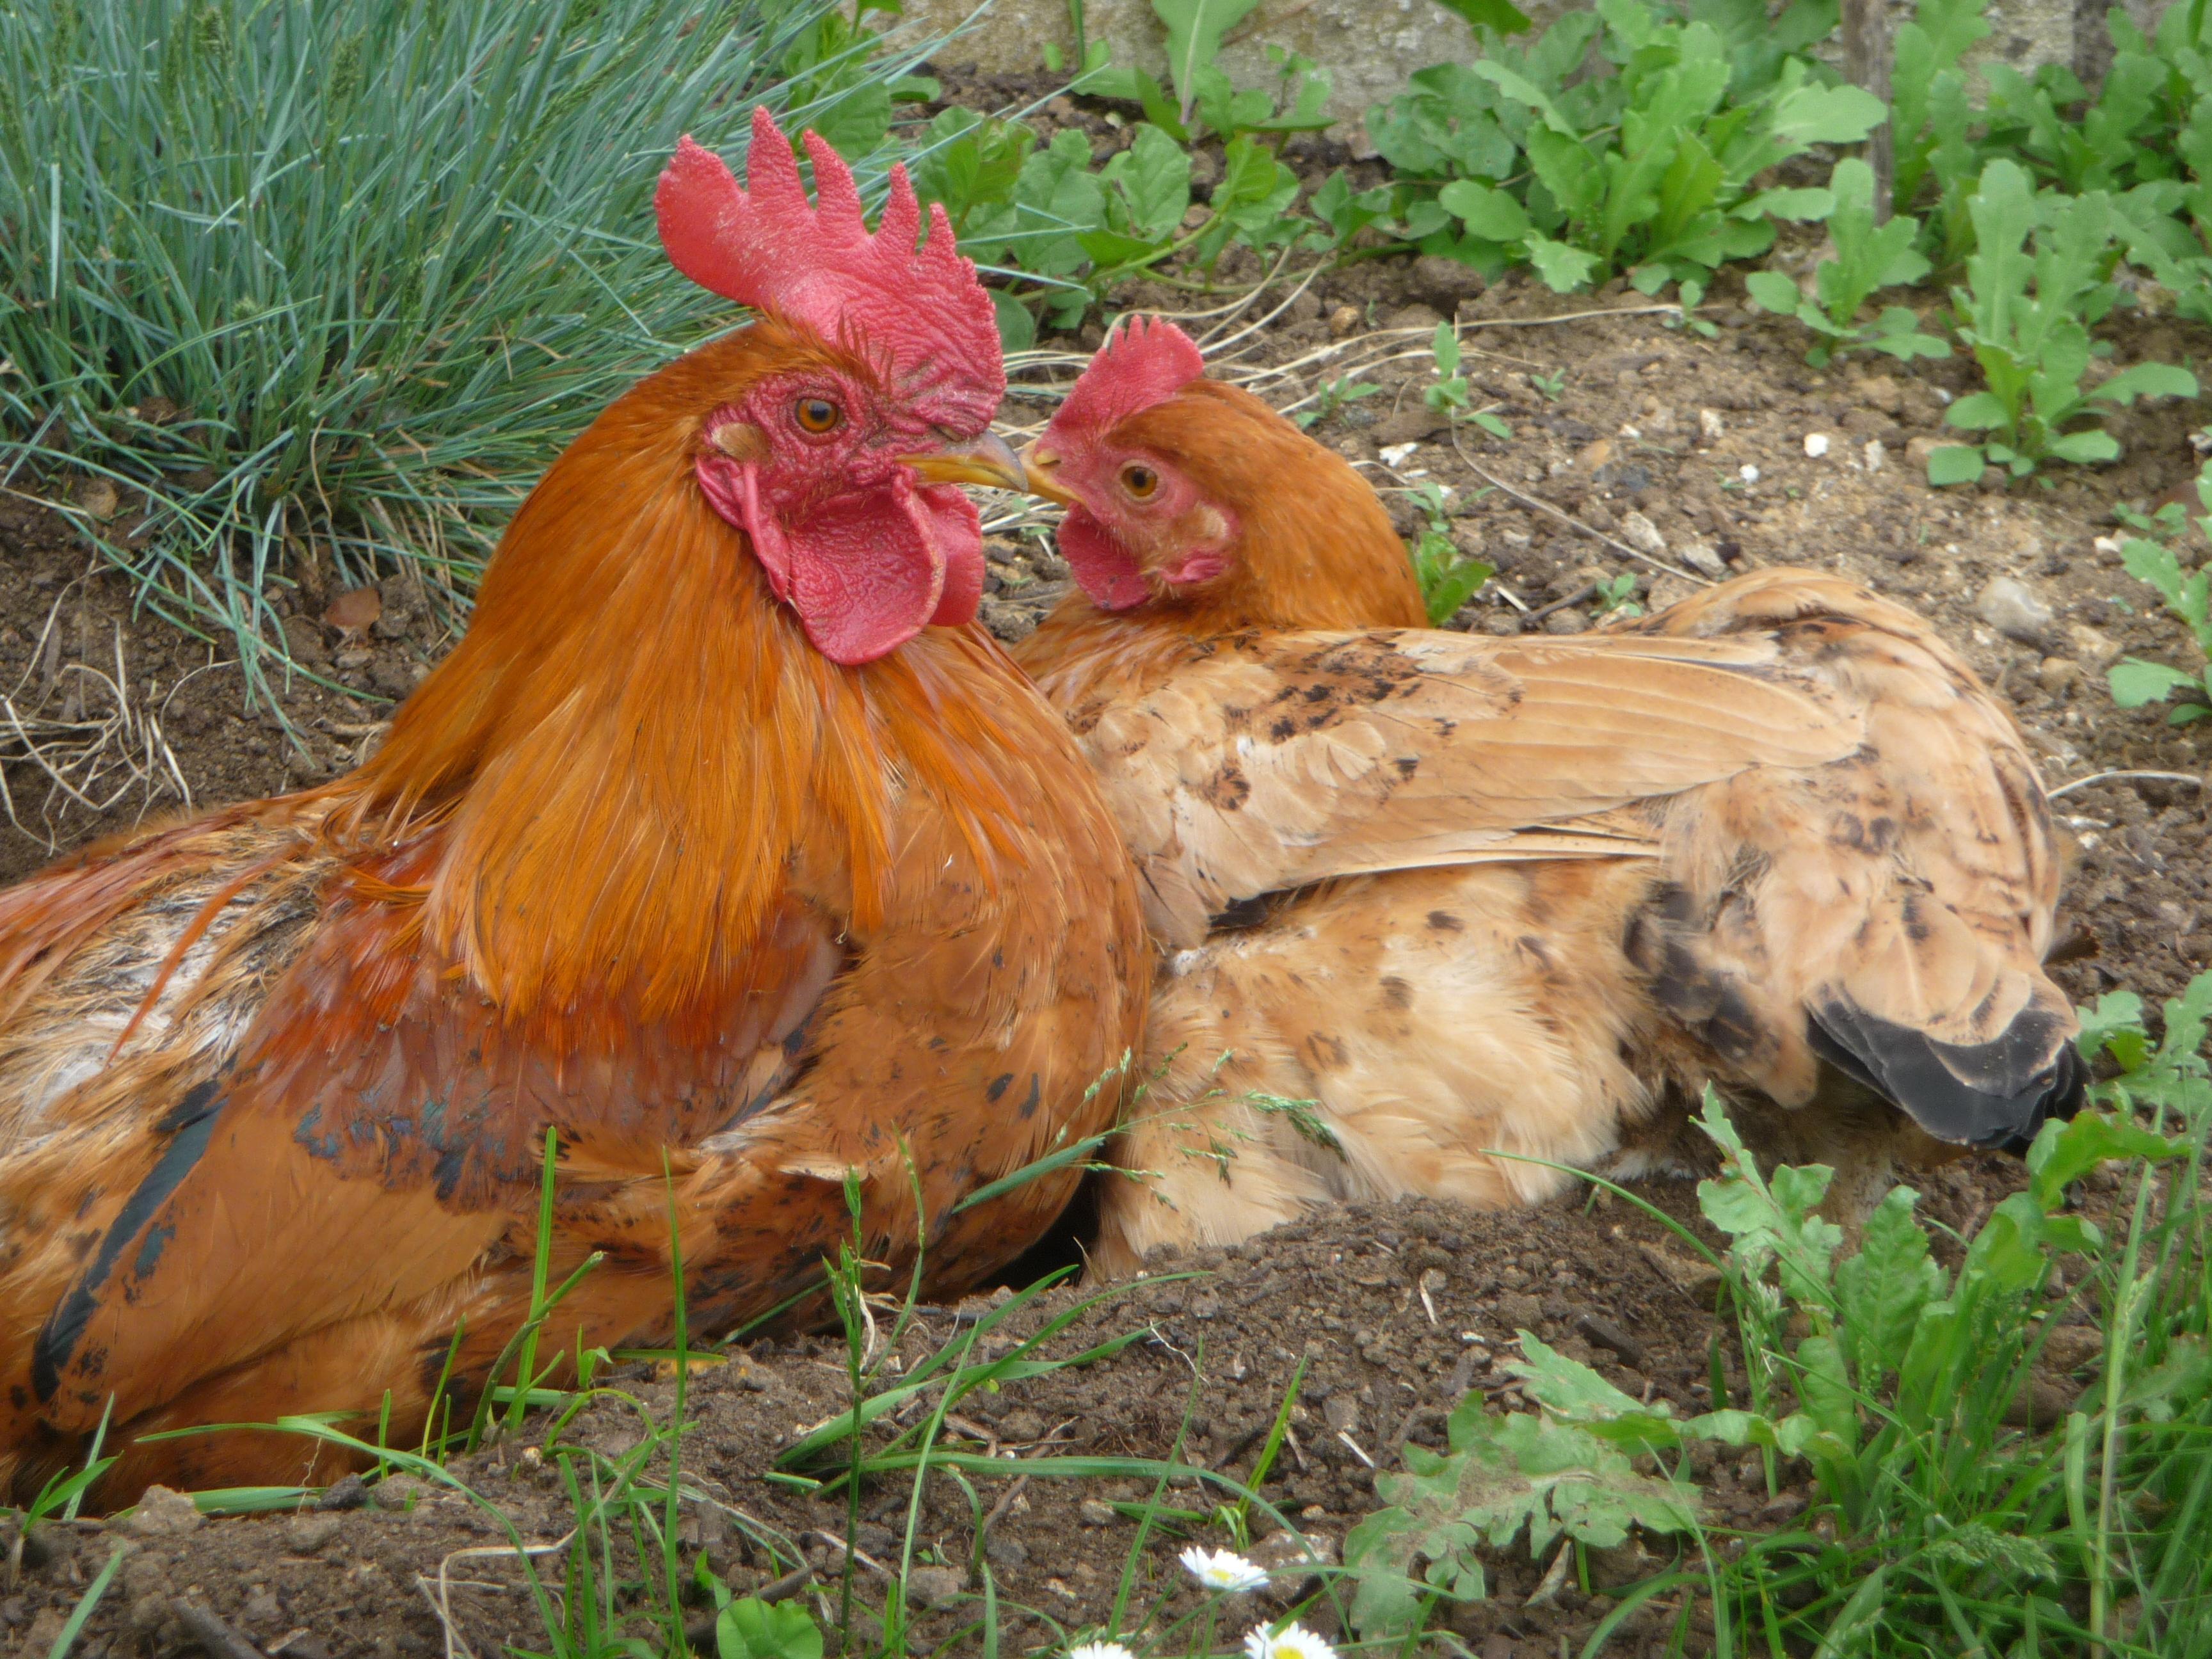 Quelques conseils pour d marrer un levage de poules beauvais en transition - Image d une poule ...